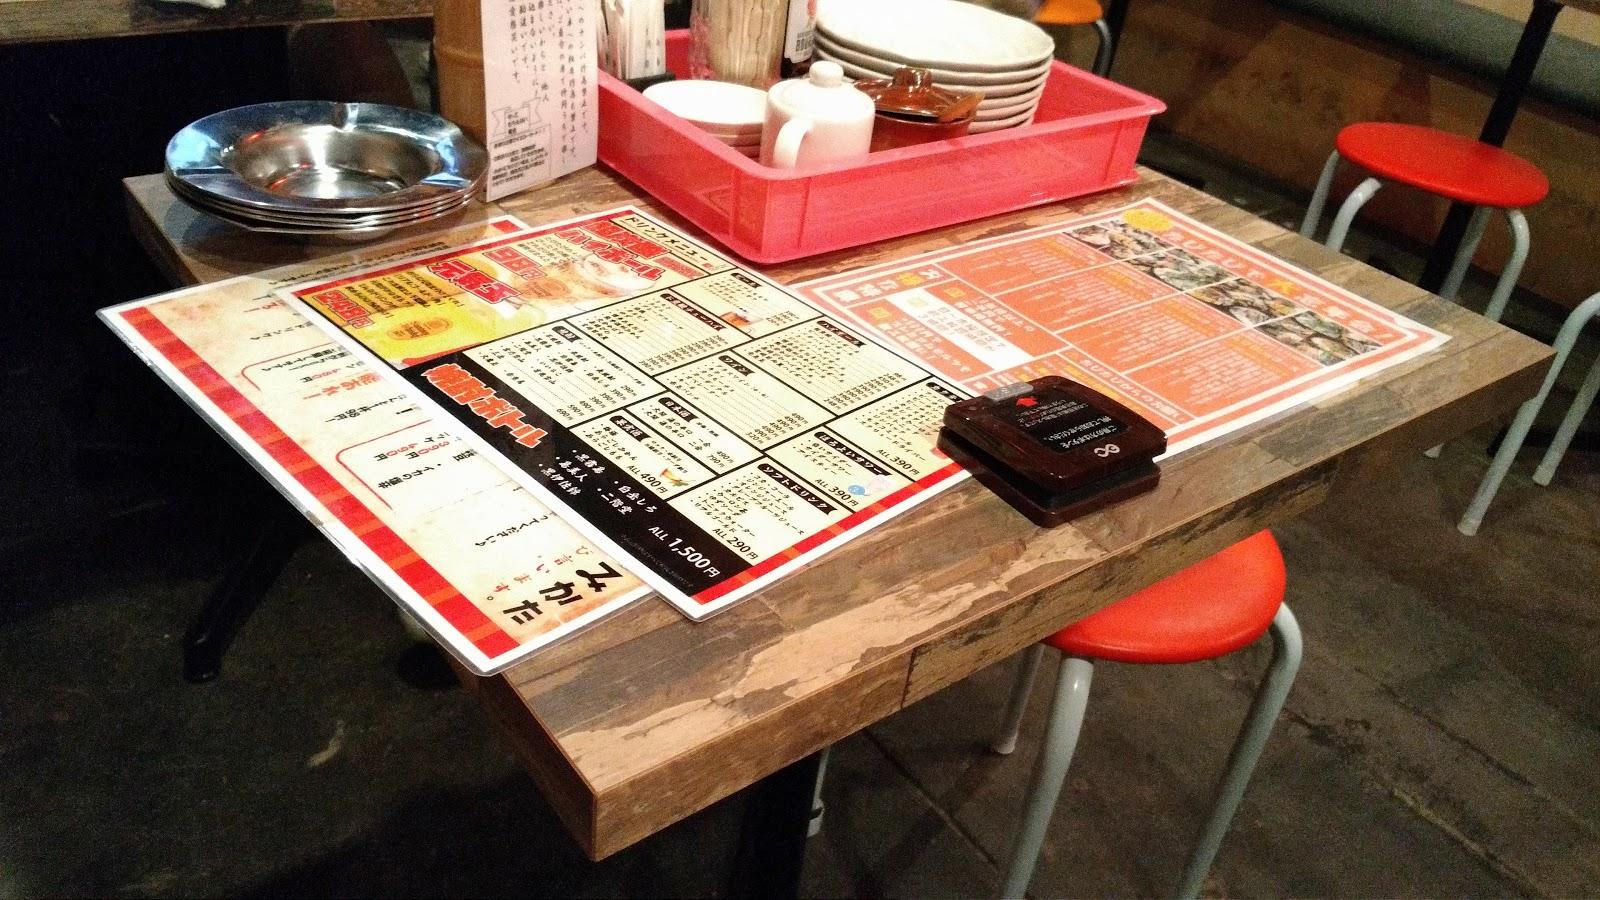 【長崎飲み屋】大衆居酒屋たびたび!安い居酒屋ならおすすめ!